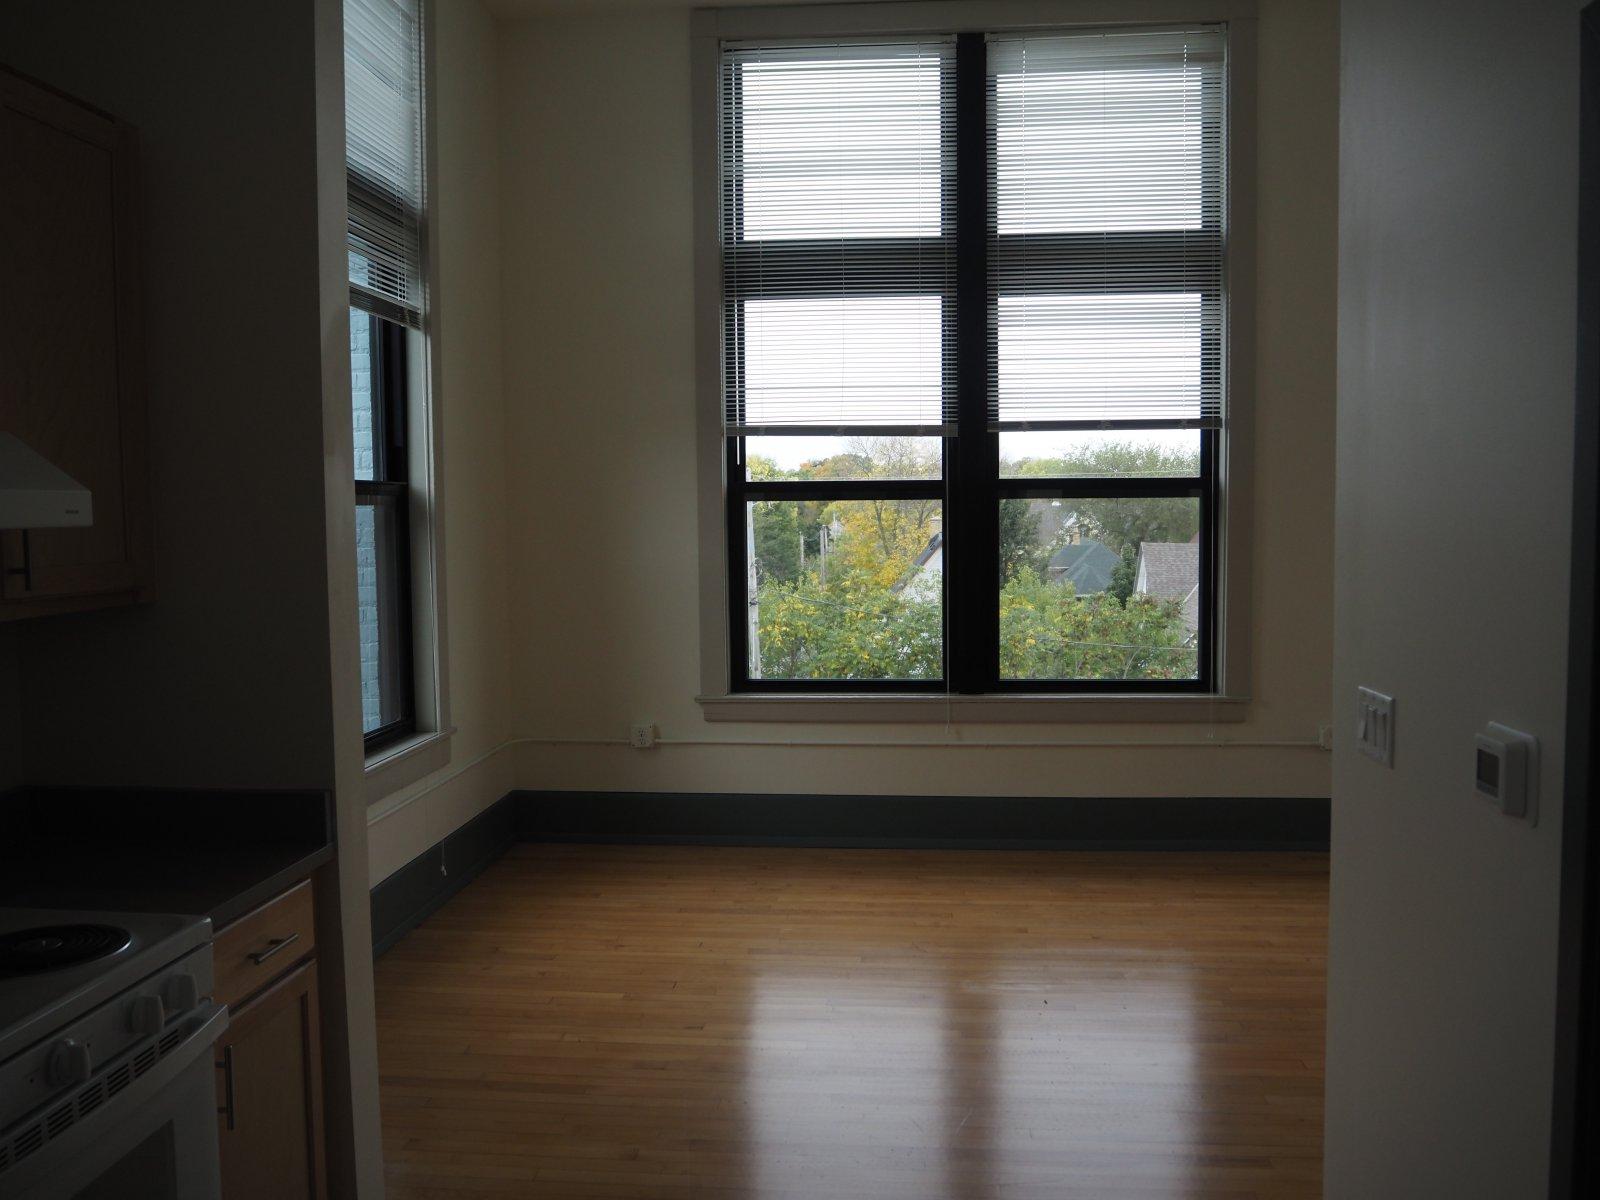 37th Street School Senior Apartments Studio Apartment